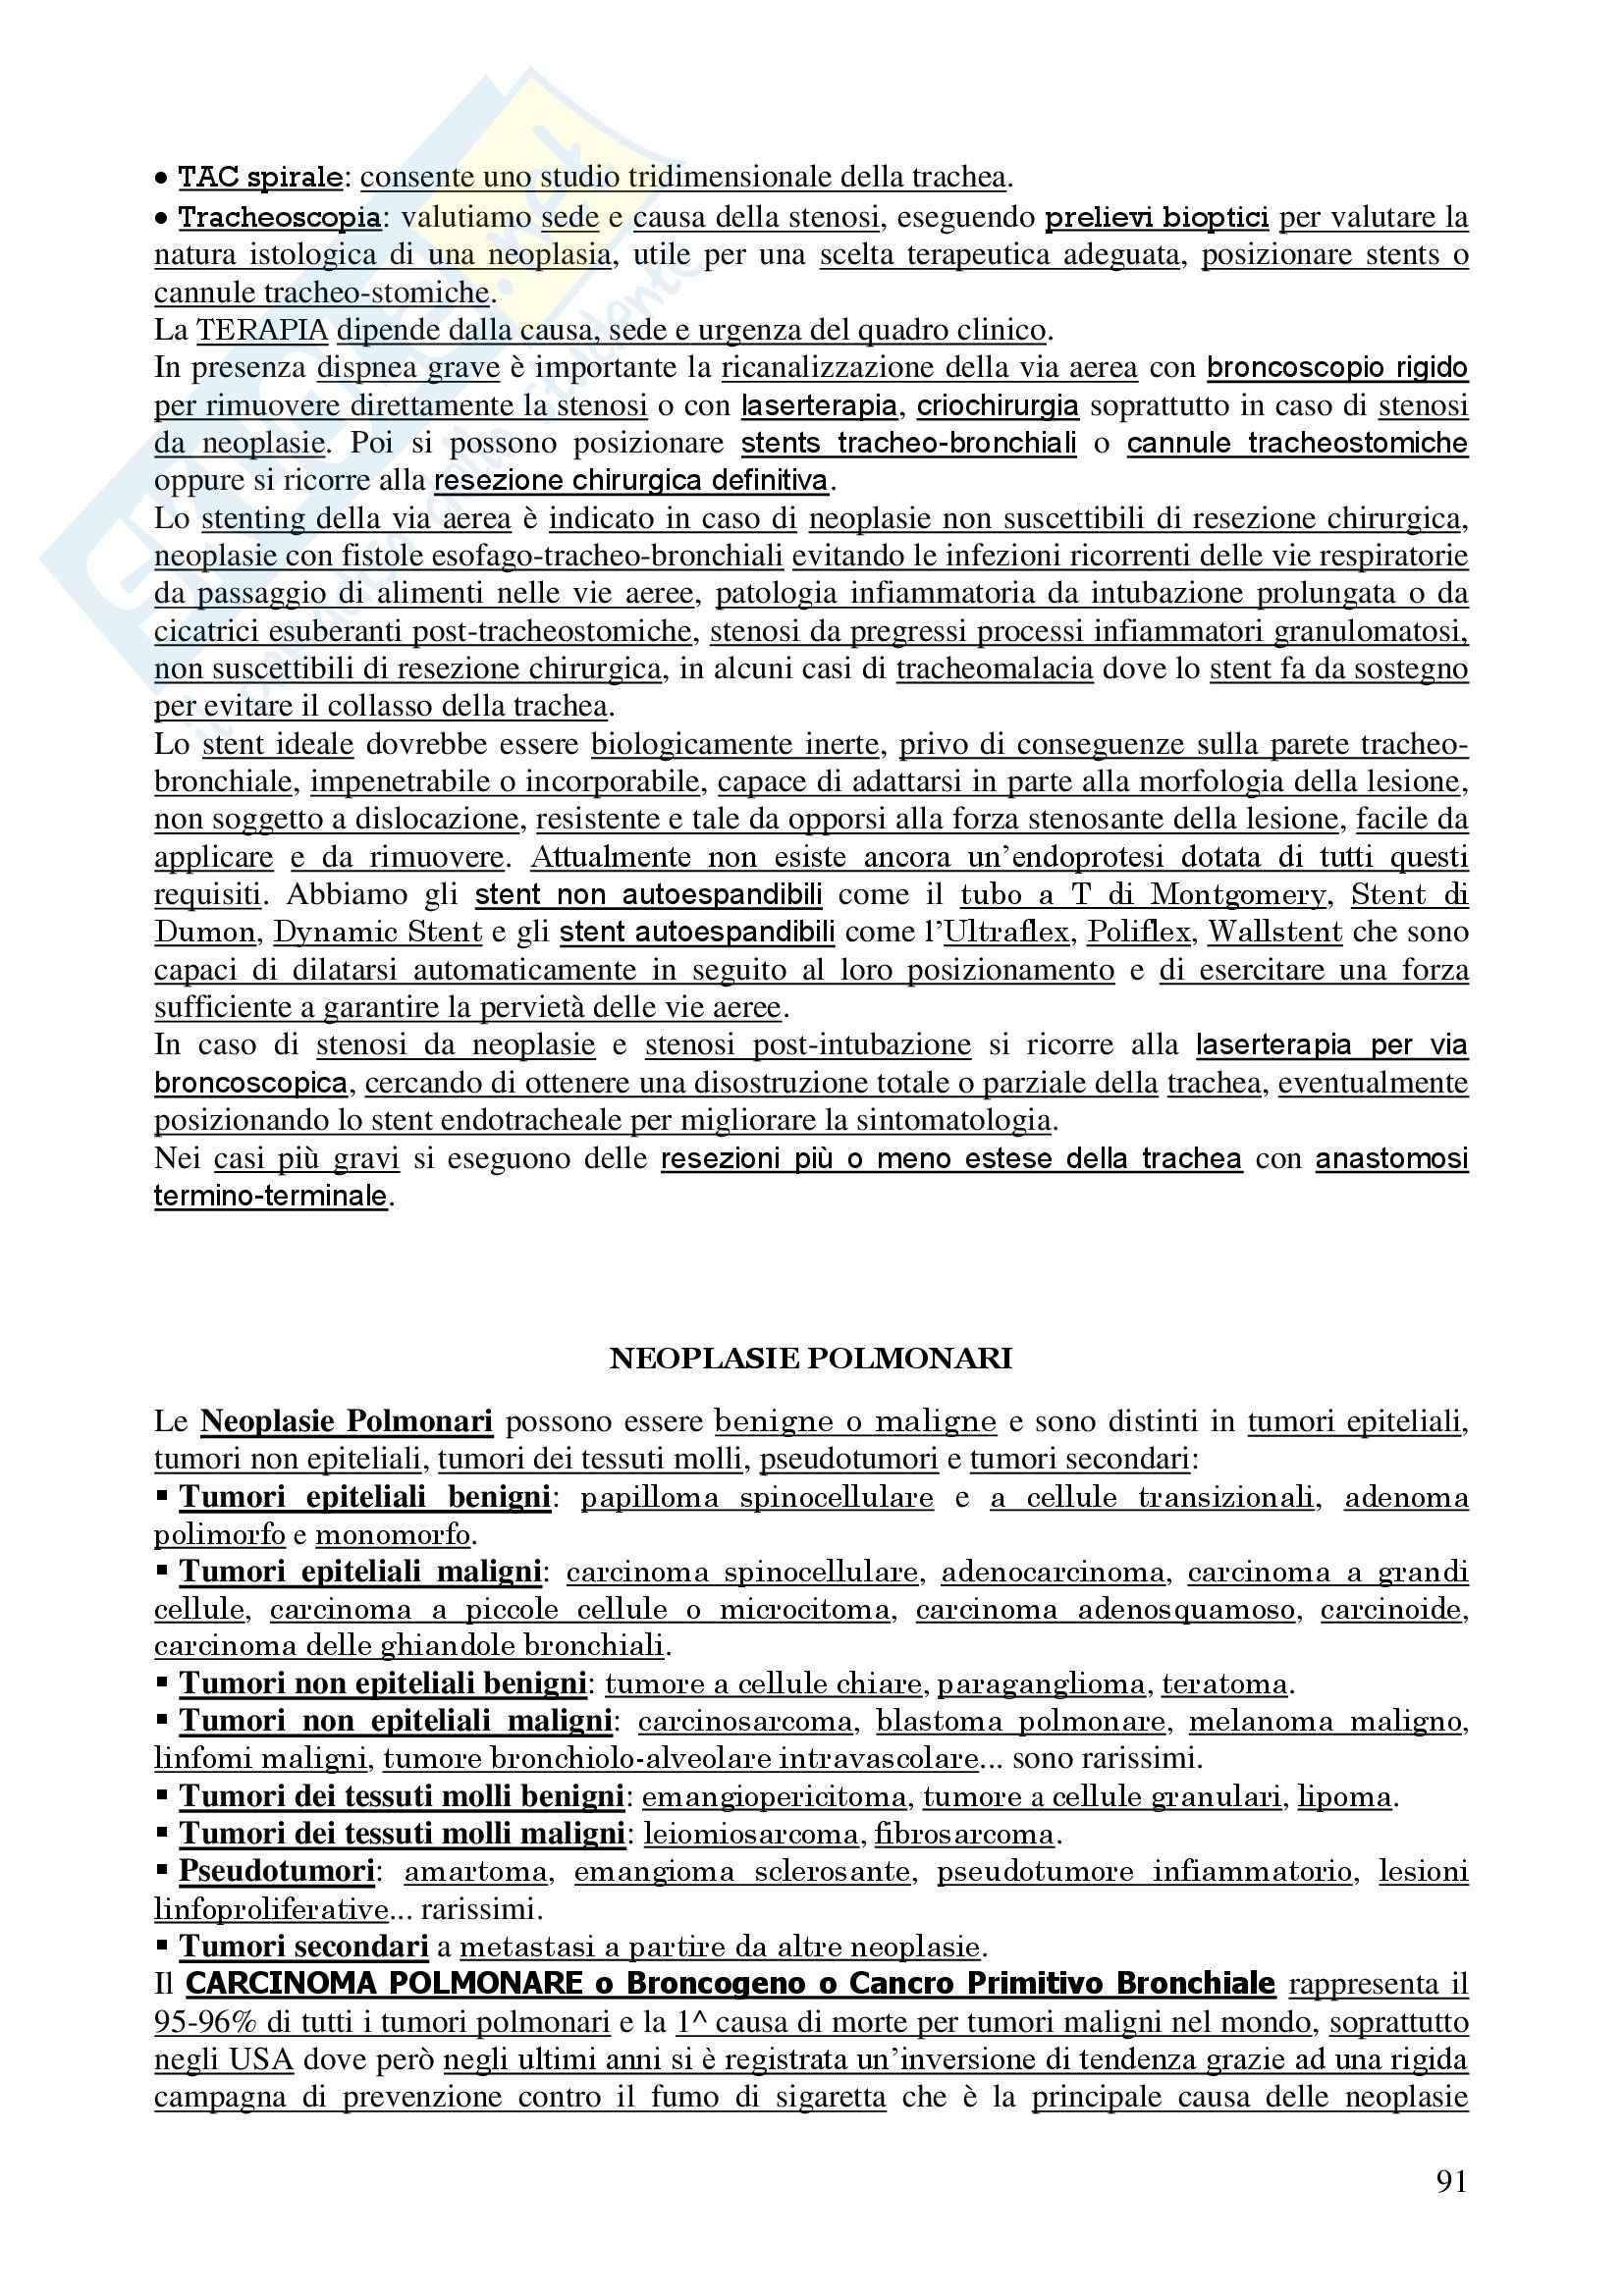 Pneumologia e Chirurgia Toracica Pag. 91